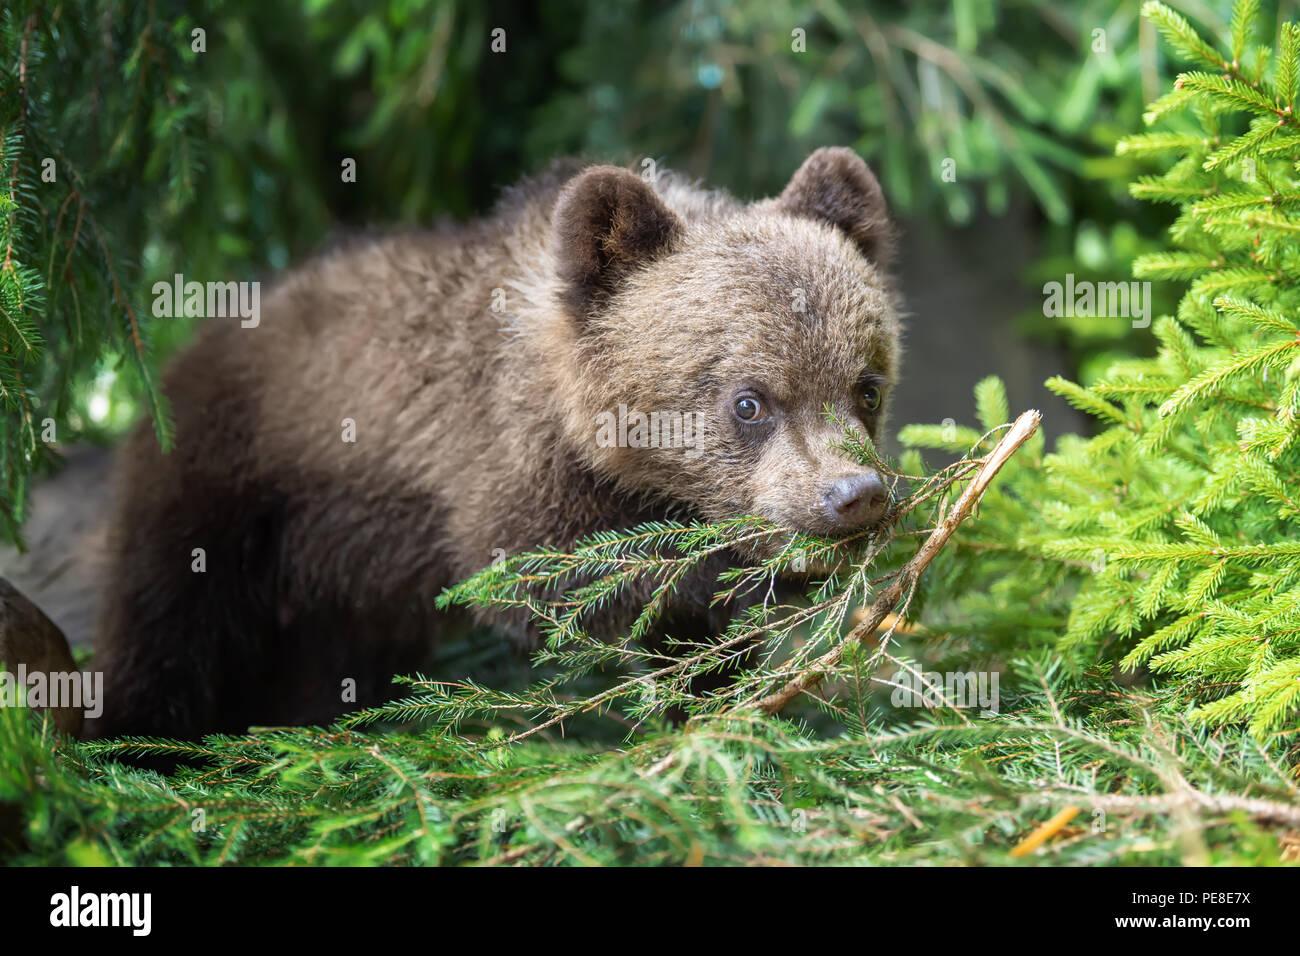 Joven cachorro de oso pardo en el bosque. En la naturaleza del hábitat animal Imagen De Stock